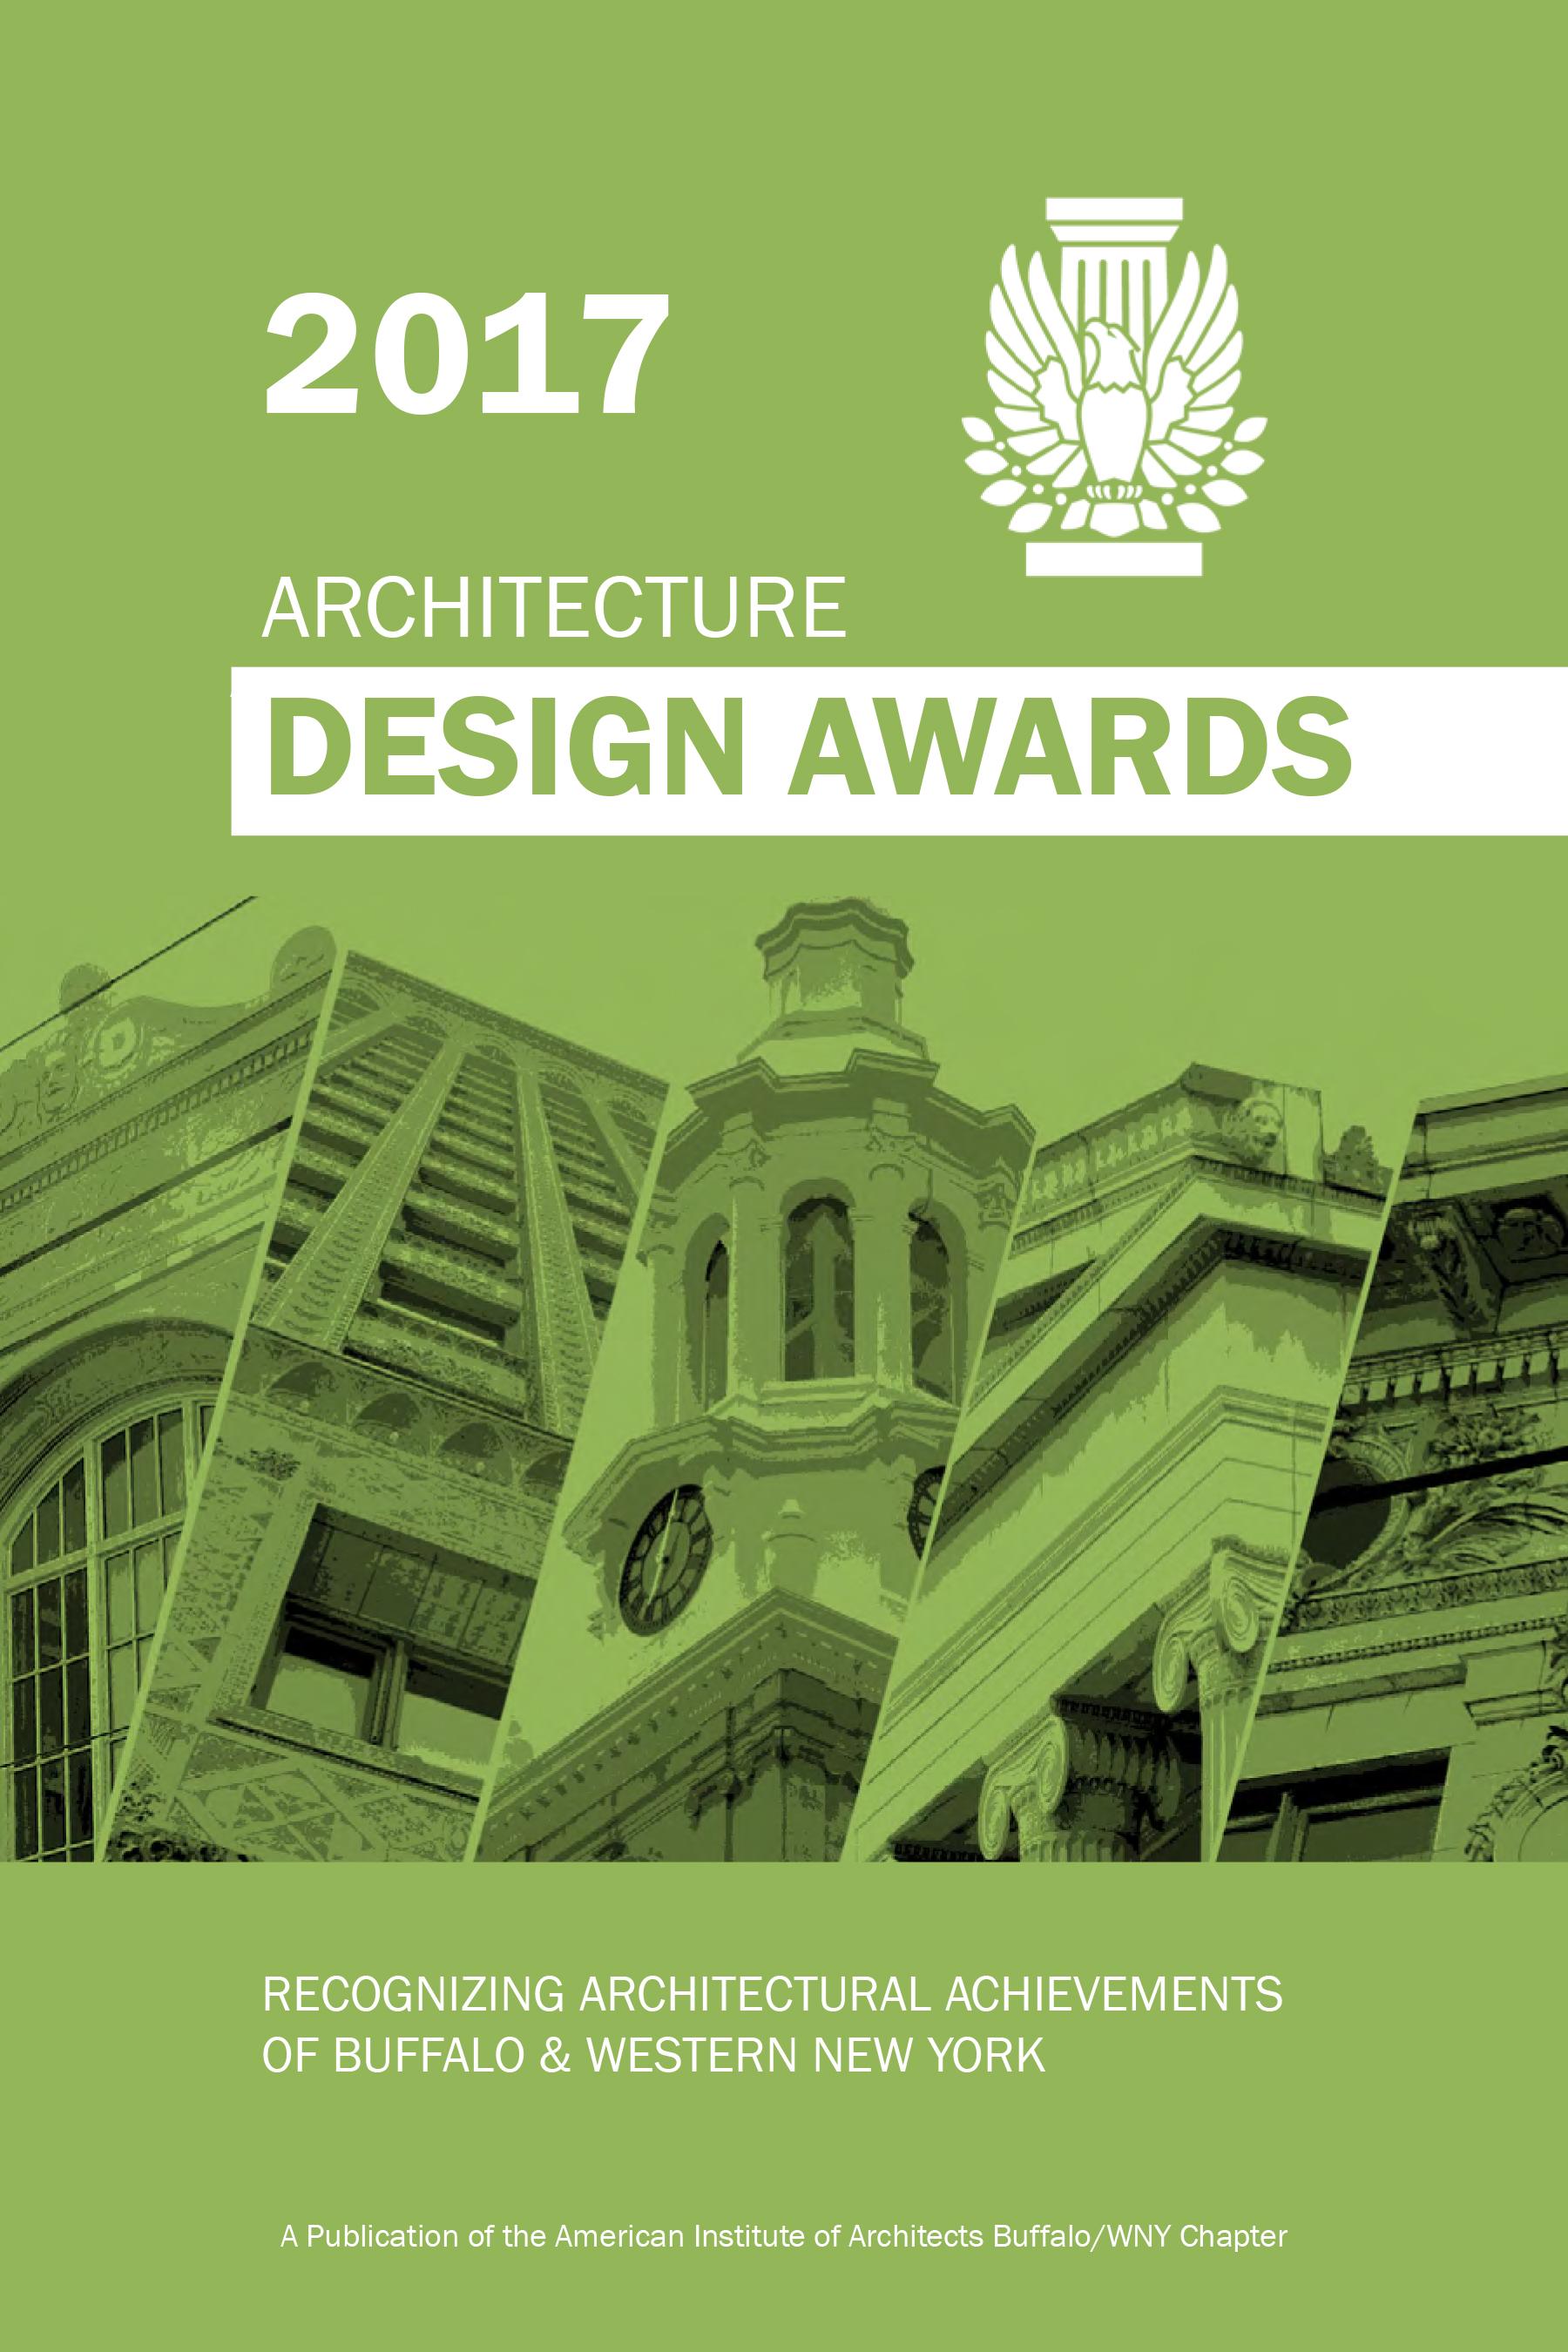 2017 Design Awards cover.jpg